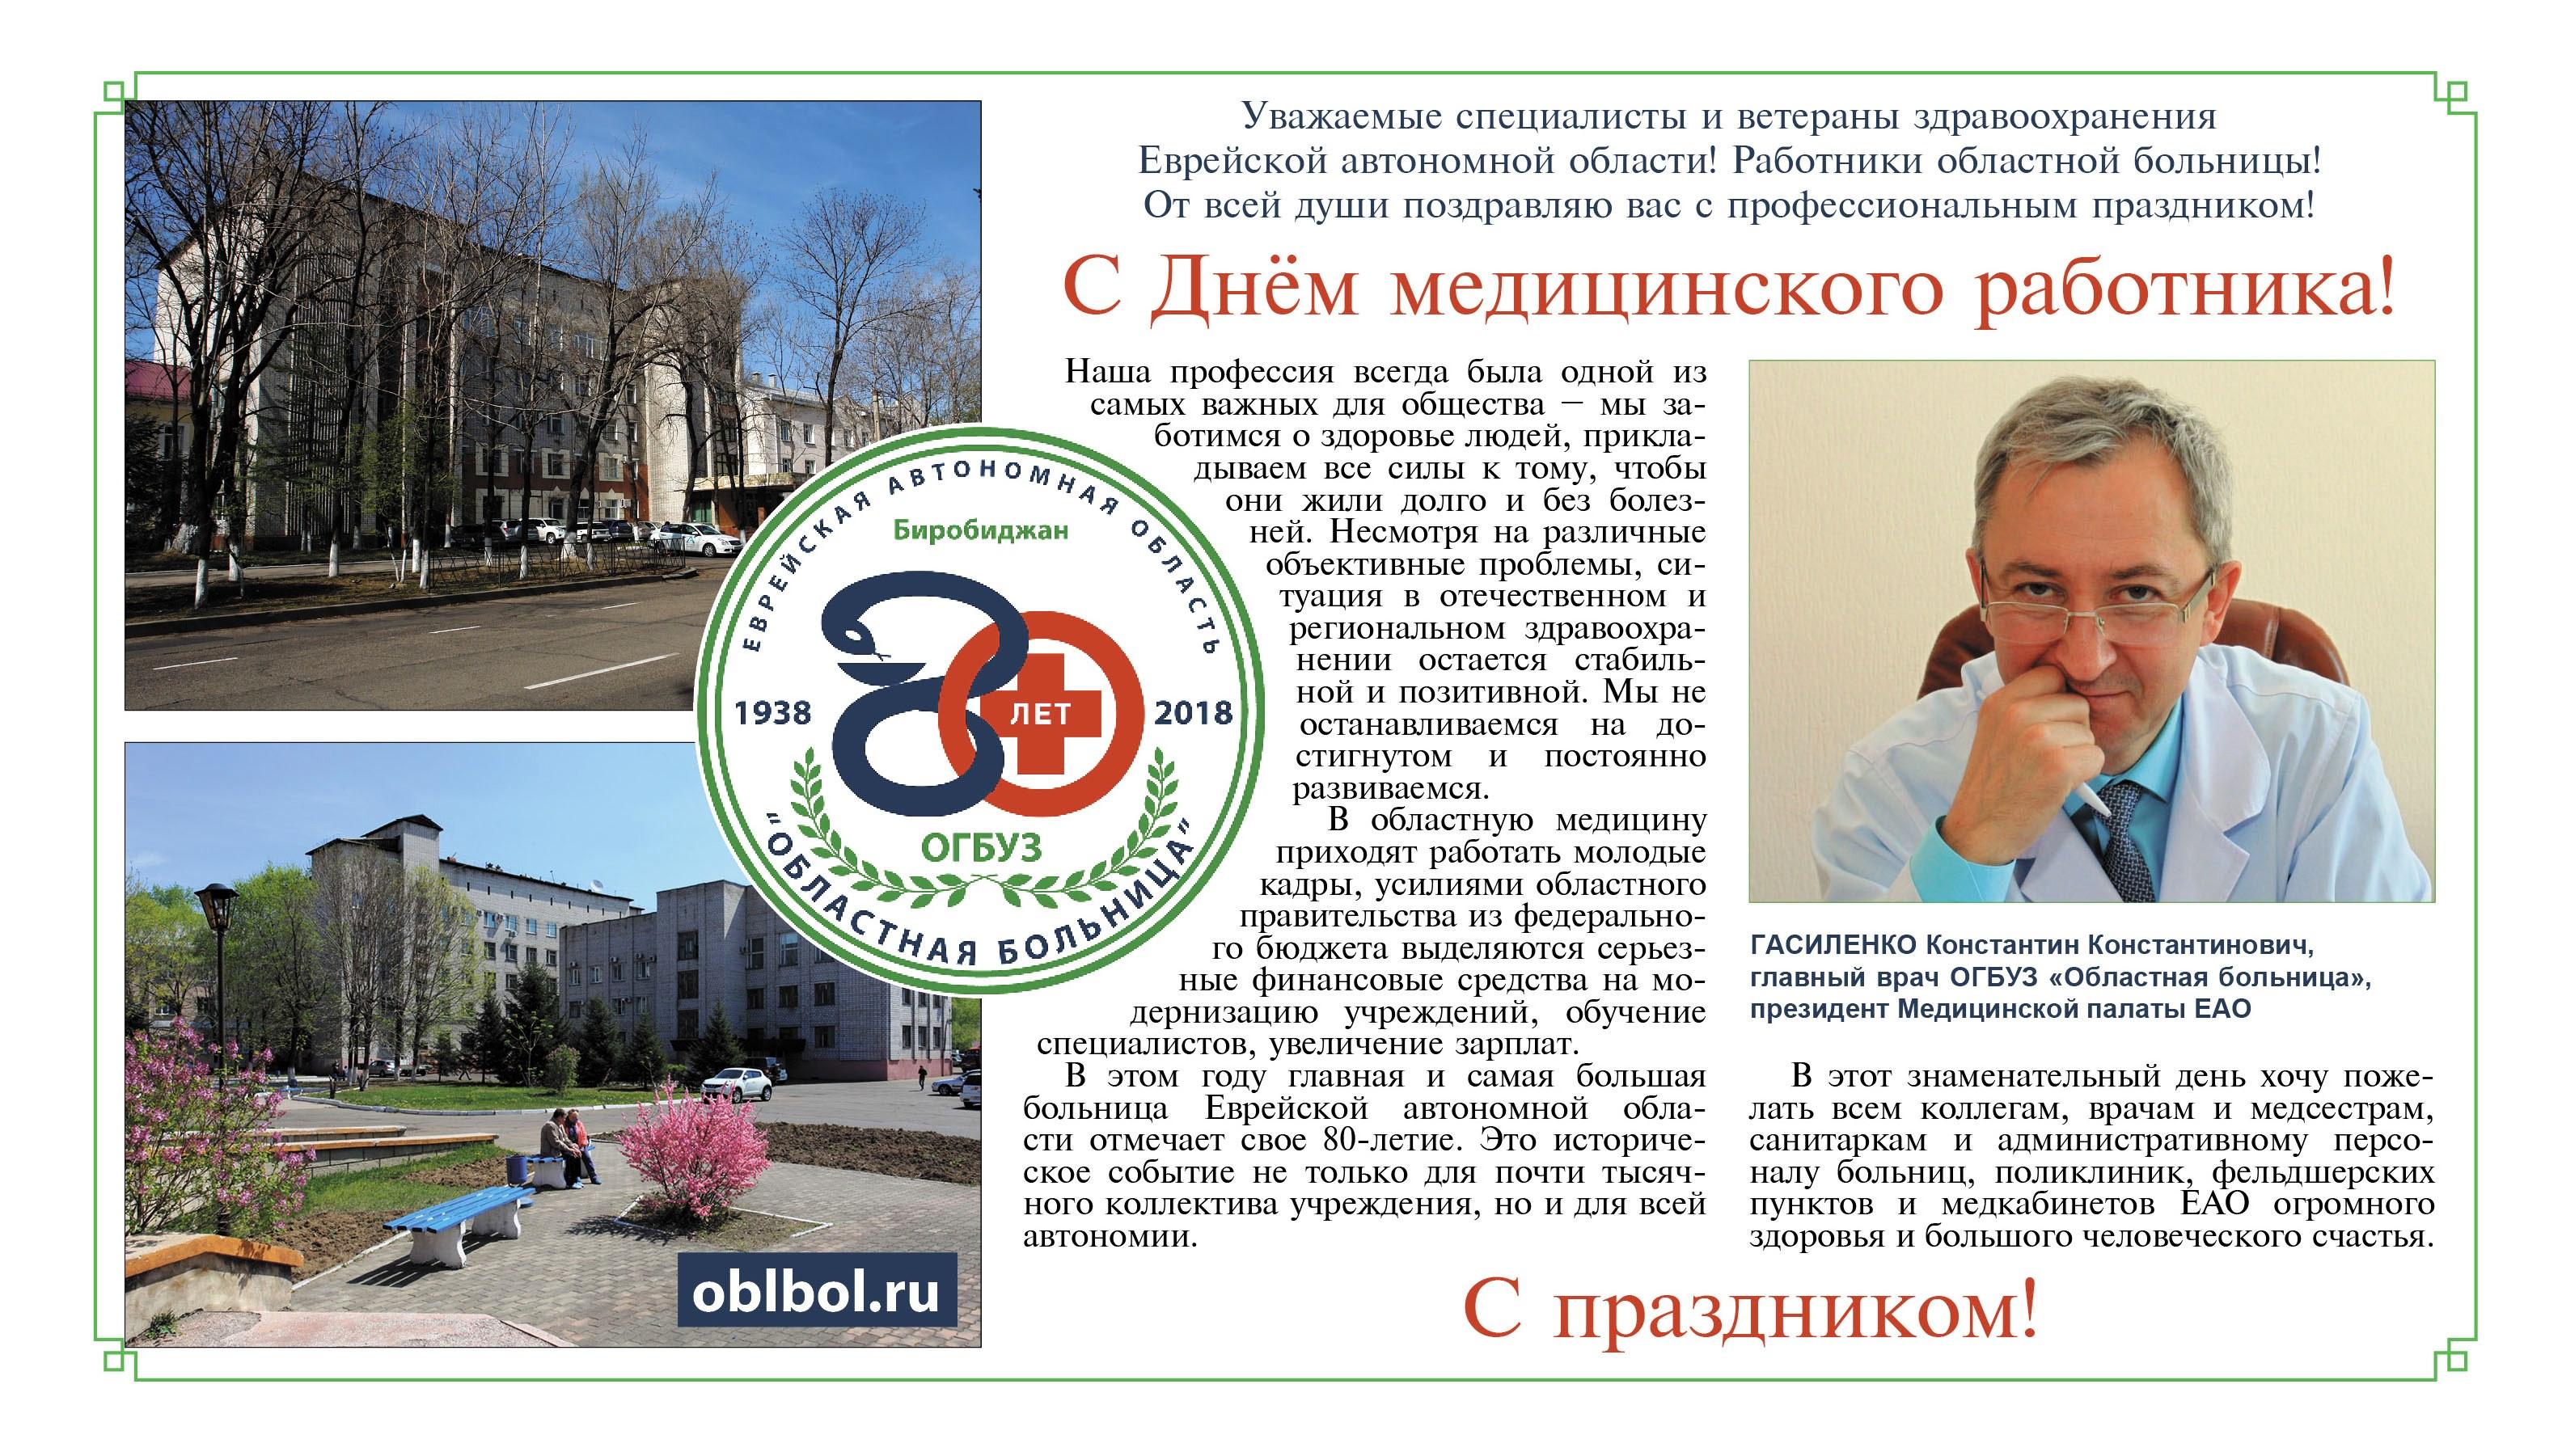 Поздравление по случаю Дня медицинского работника К.К.Гасиленко 15.06.18